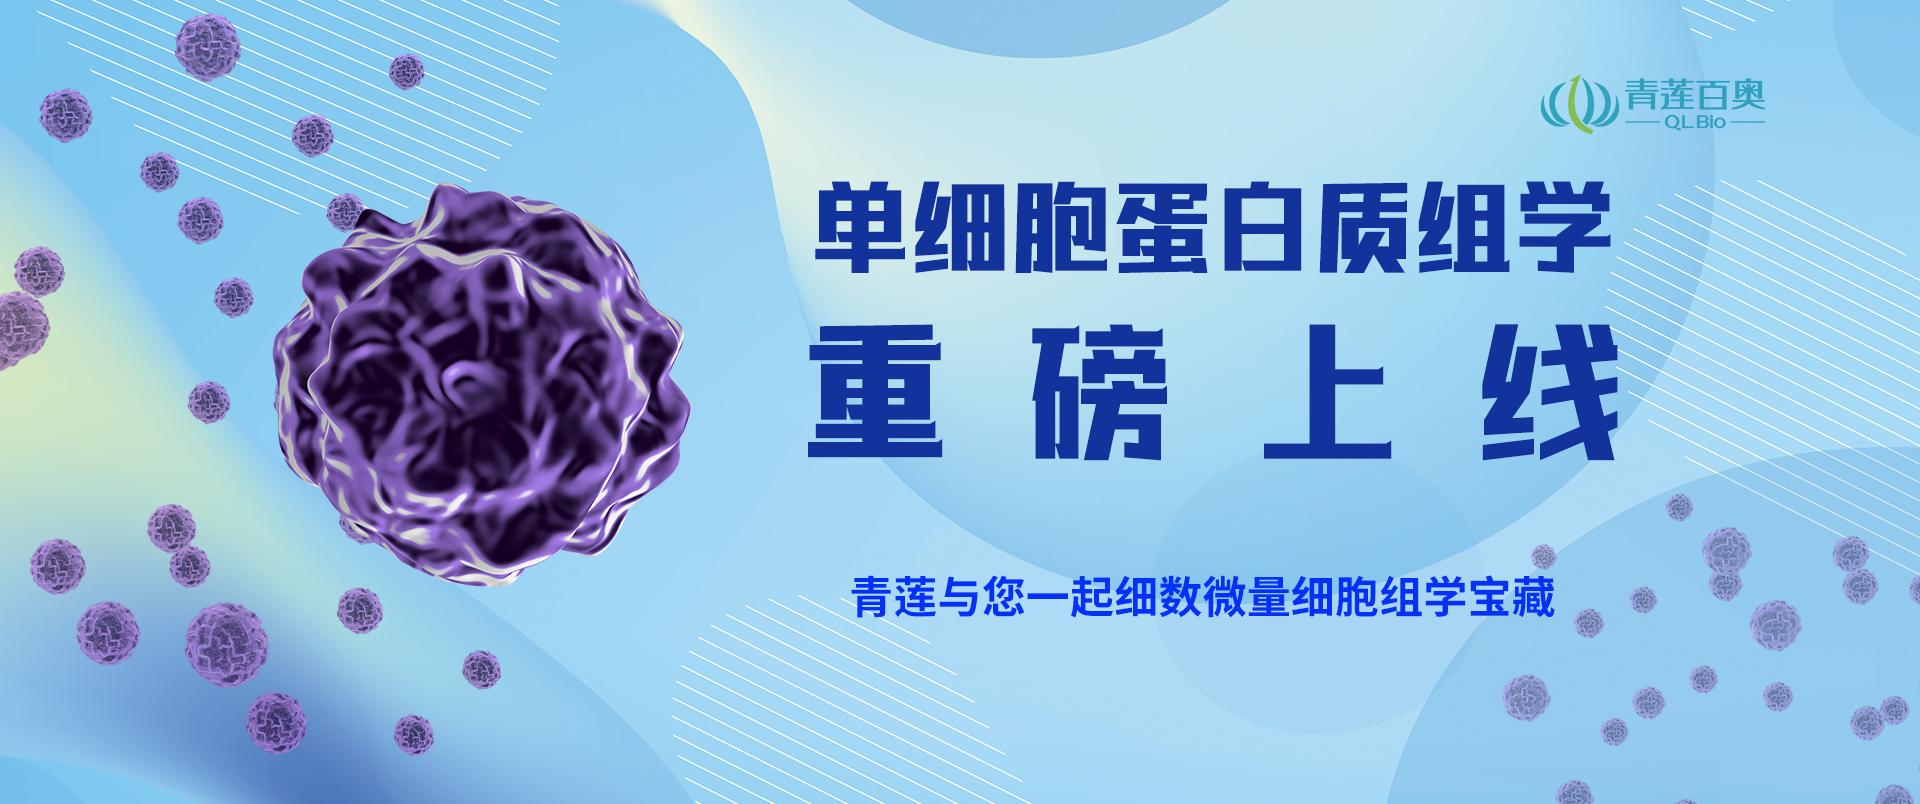 蛋白质组学,糖基化蛋白质组学,多组学联合分析